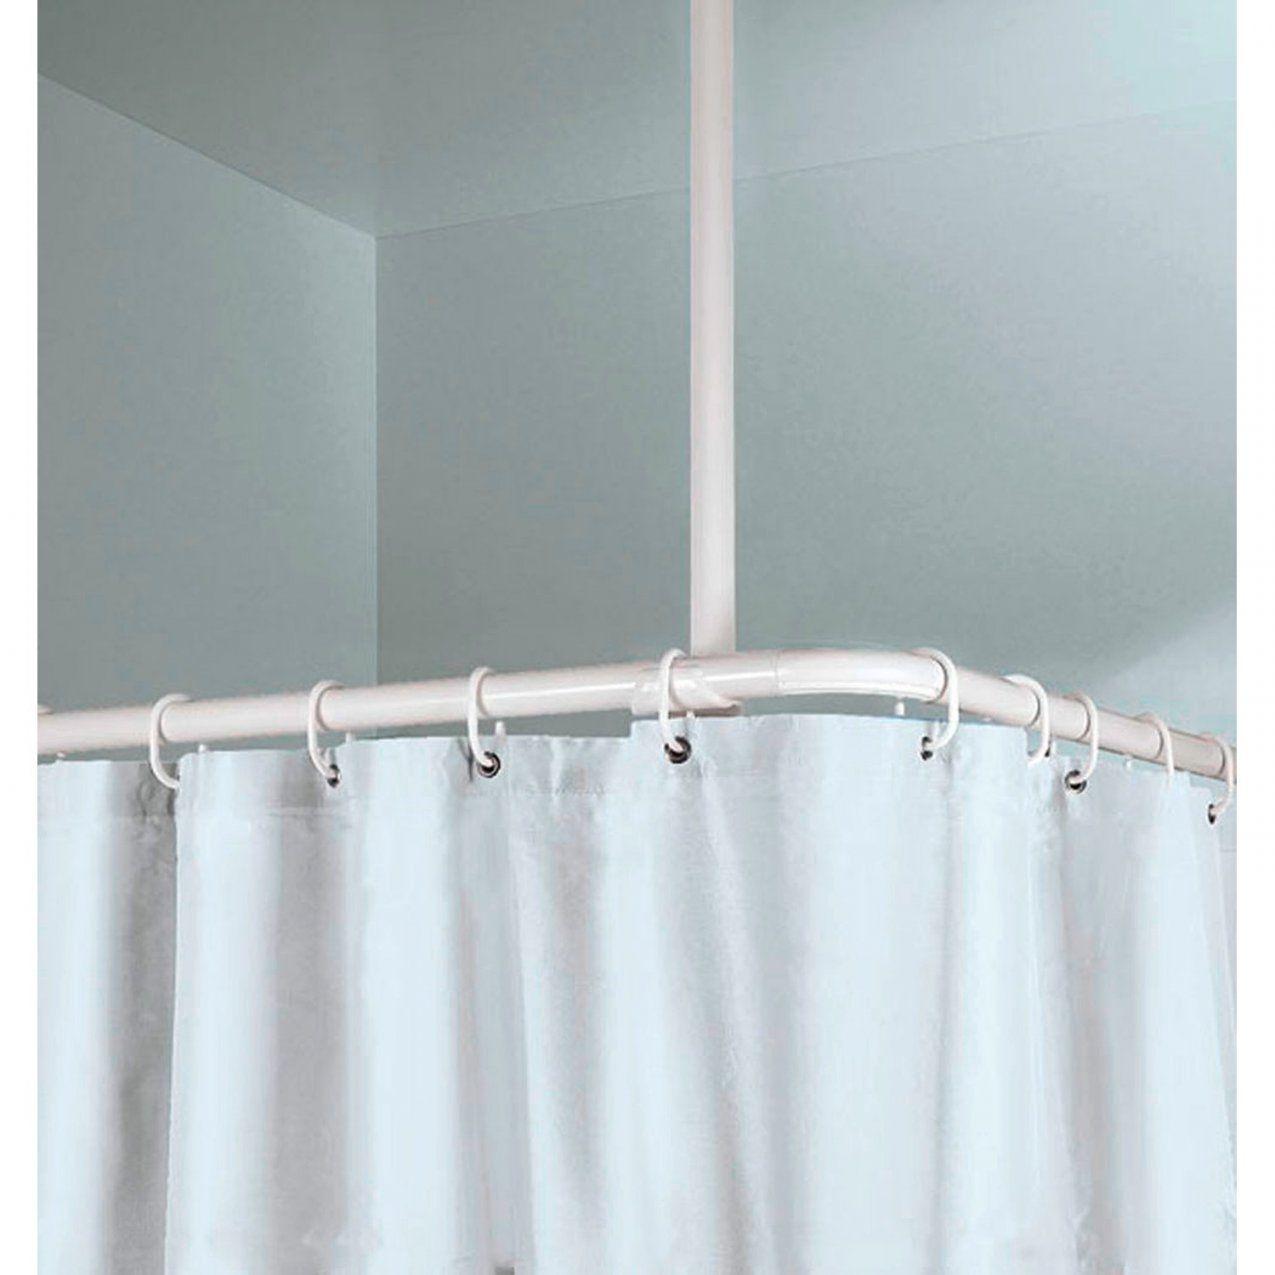 Obi Stange Deckenhalter 60 Cm Länge (25 Mm) Weiß Kaufen Bei Obi von Duschvorhang Mit Stange Für Badewanne Photo